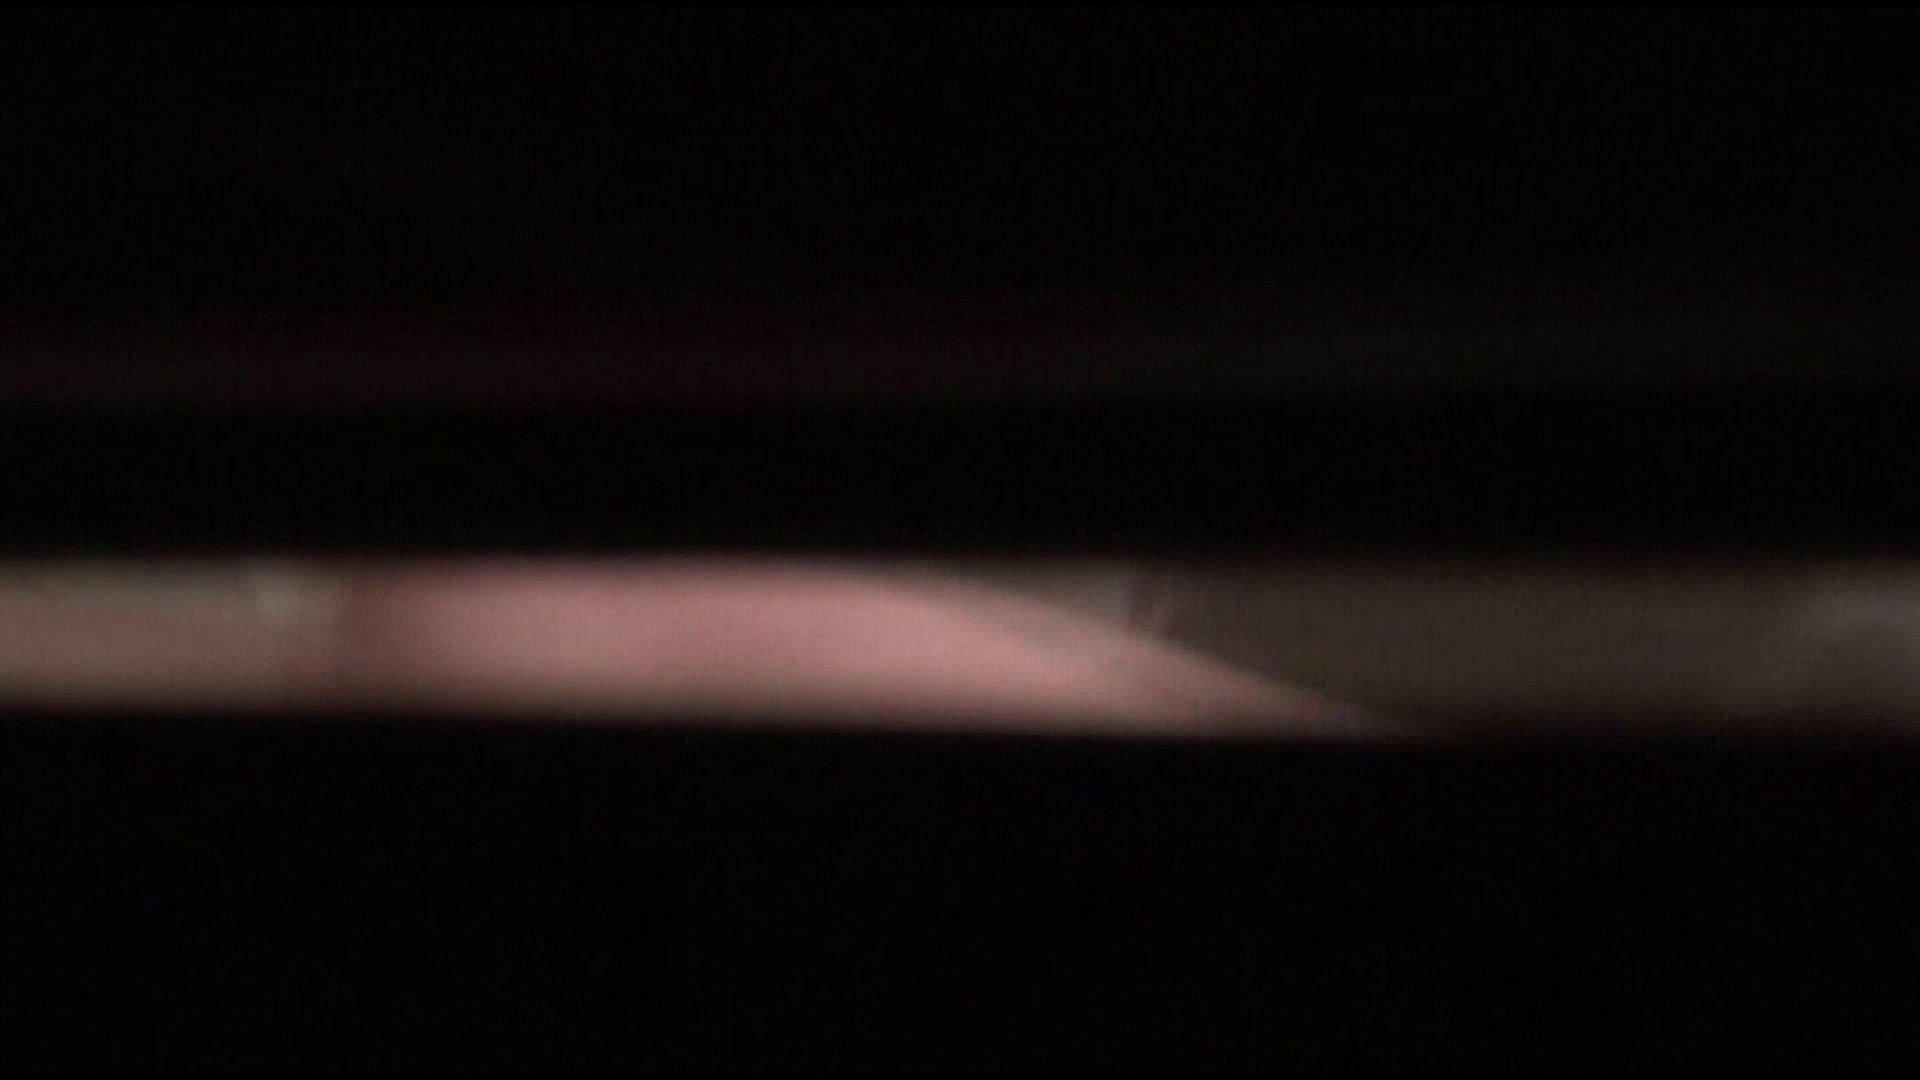 民家の騎士さんの最後の性戦ハイビジョン!!No.47 民家 おまんこ動画流出 77pic 11